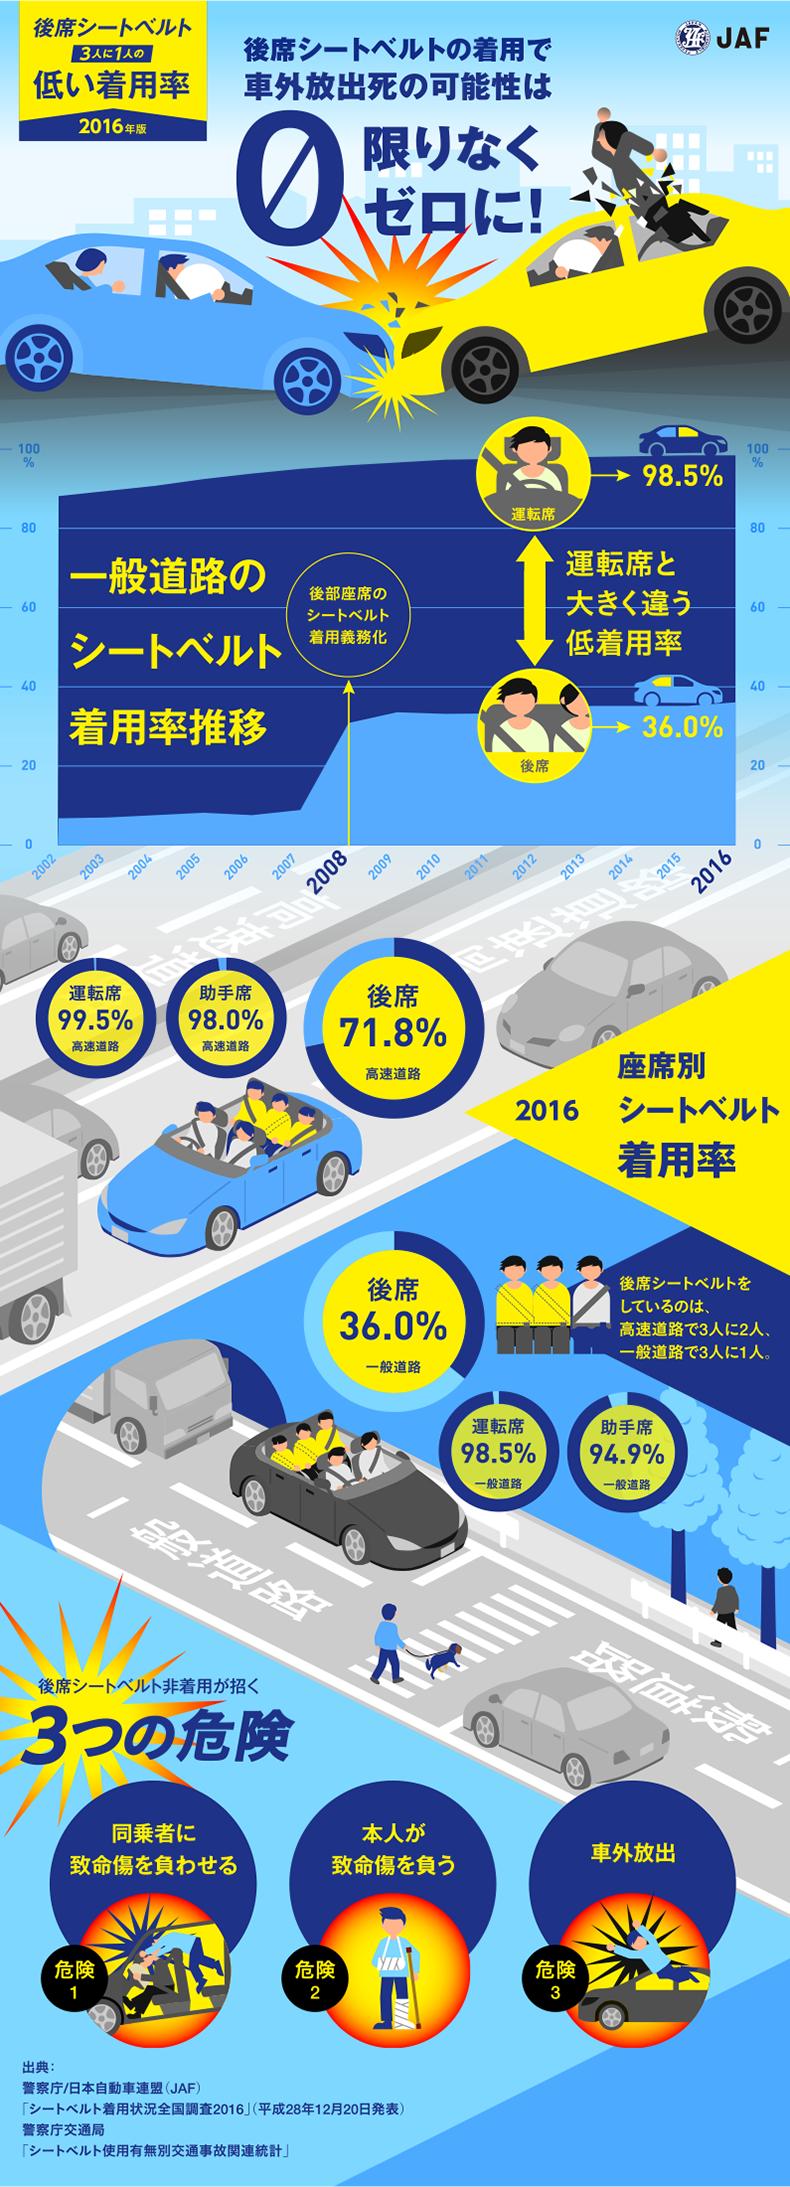 seat belt 일본 자동차 뒷좌석 안전벨트 경고음 제조사에 의무화